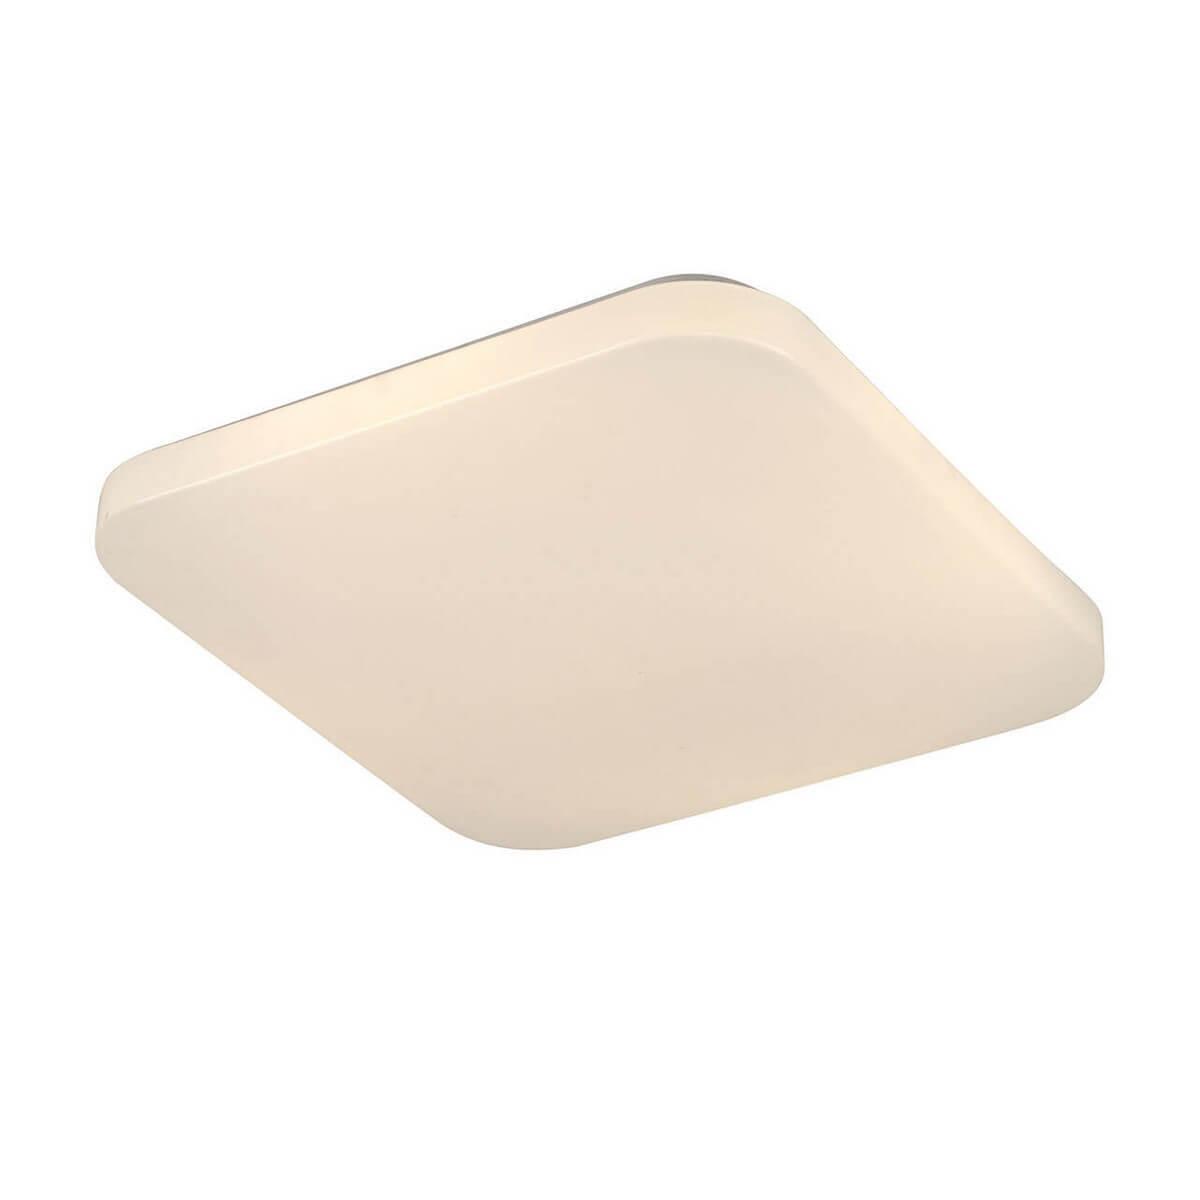 купить Потолочный светодиодный светильник Mantra Quatro II 6240 онлайн